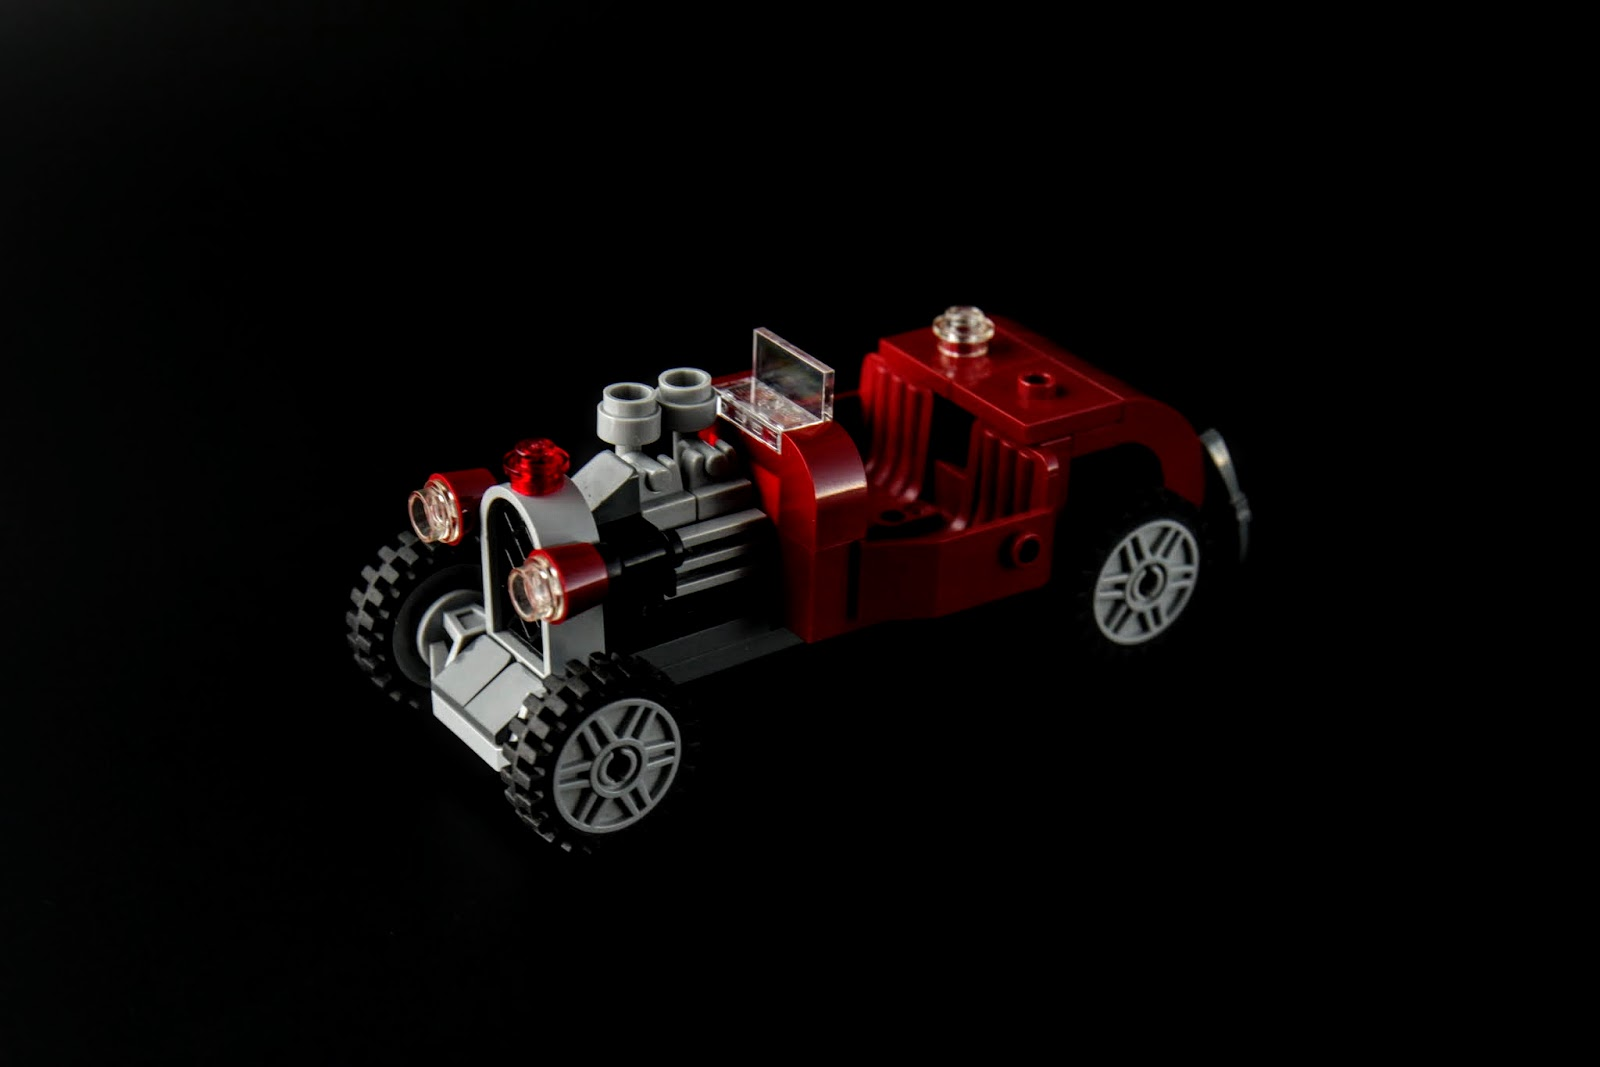 寶藏獵人鬍鬚哥的座車,這車造型很不錯啊!